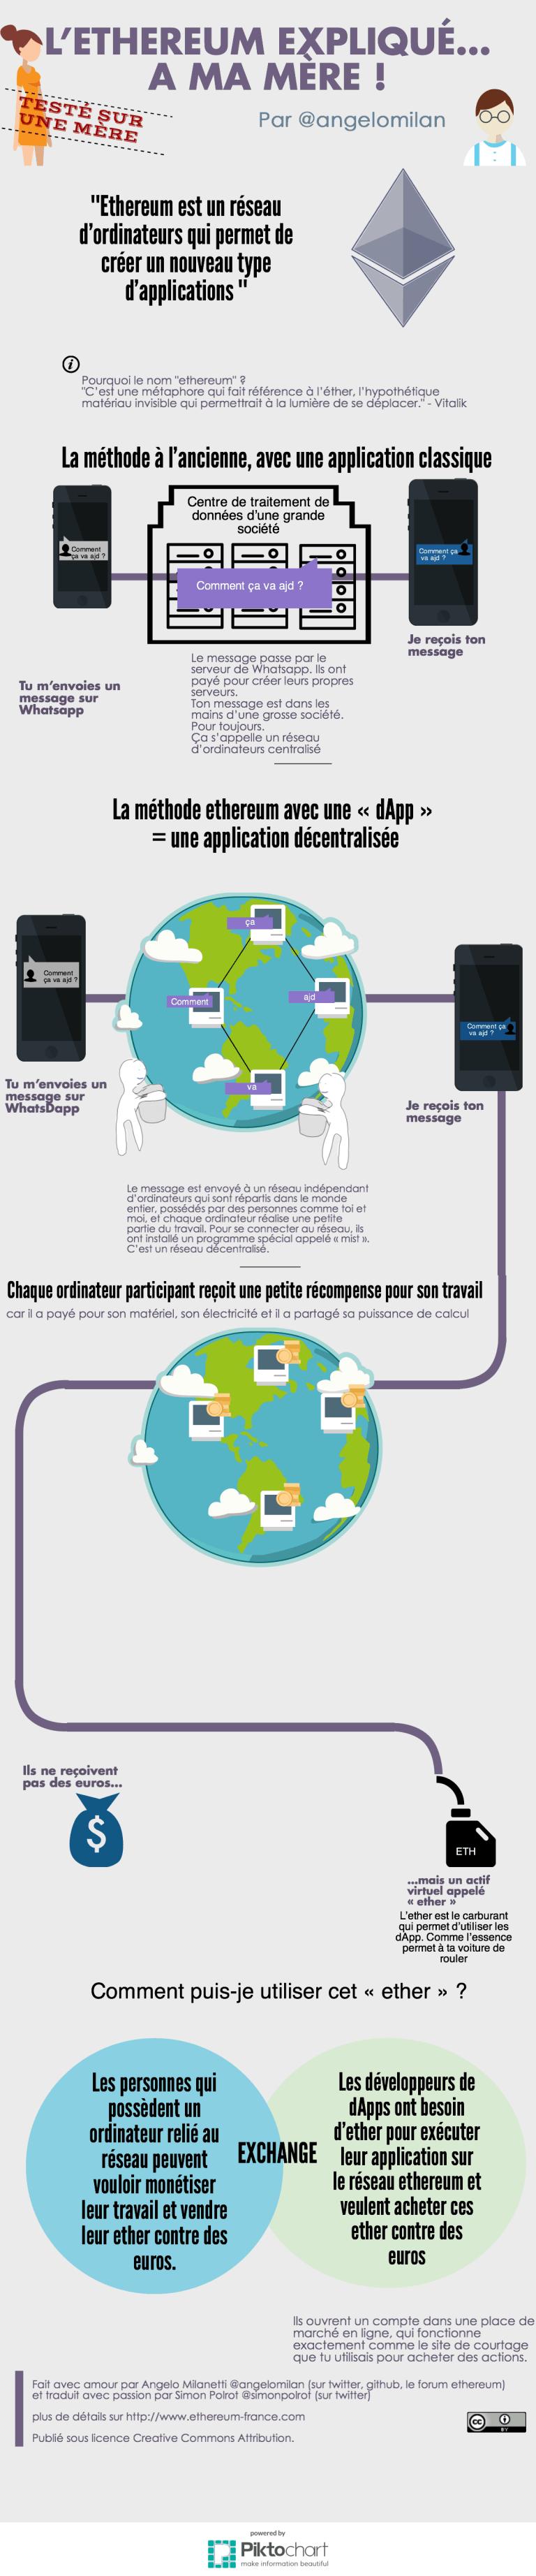 infographie sur ethereum